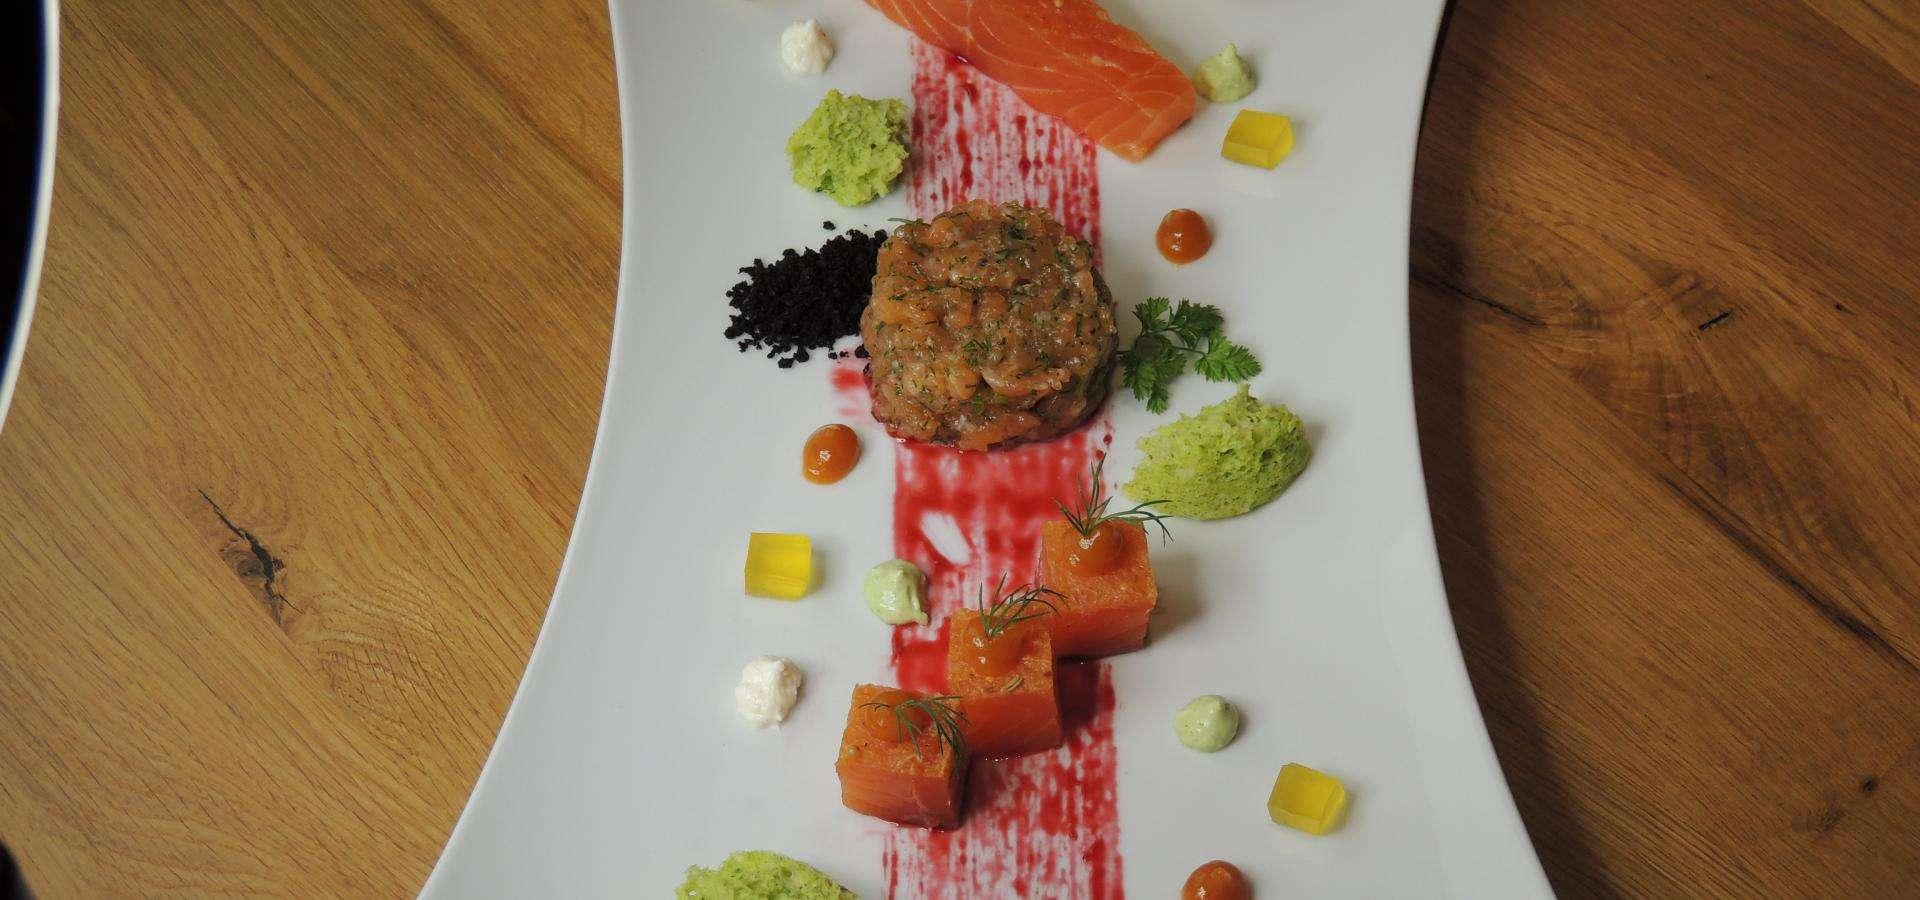 Tres versiones de salmón ahumado:marinado, tartary con gelatina de aceite de oliva ygel de tomate